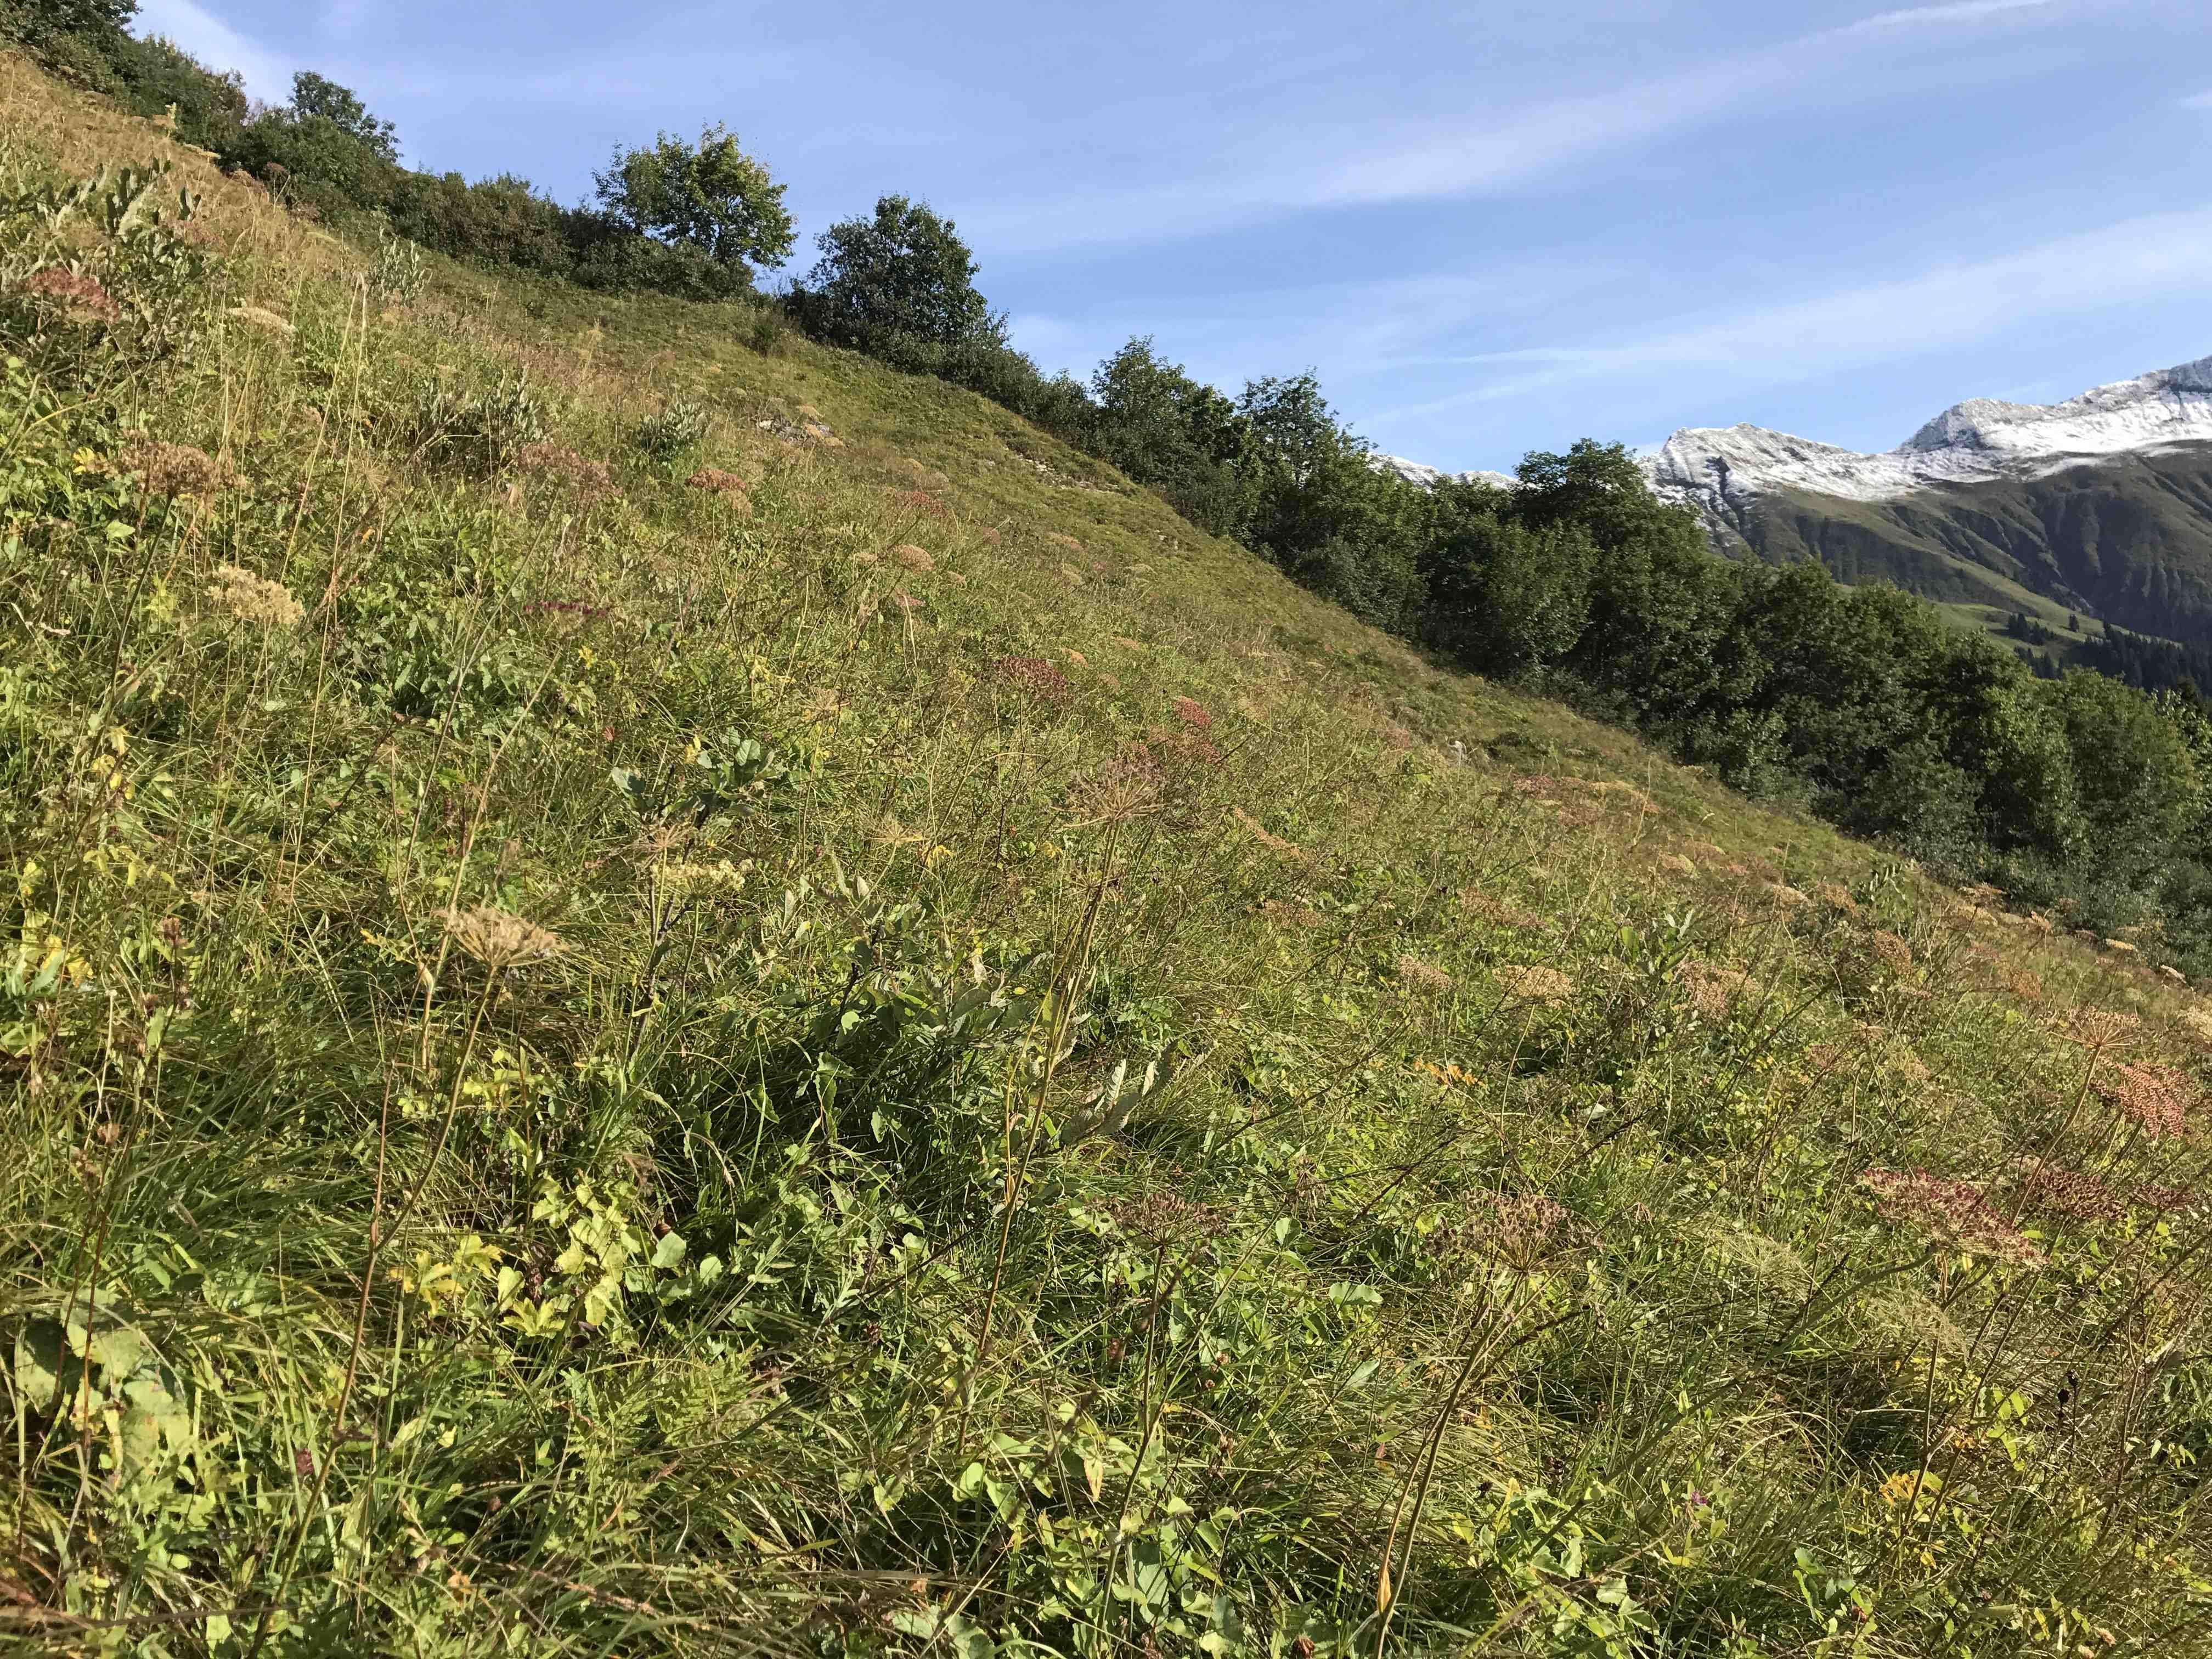 Sanierung von Tww- und Flachmoor-Brachen im Kanton GR (Brachenprojekt, seit 2016)